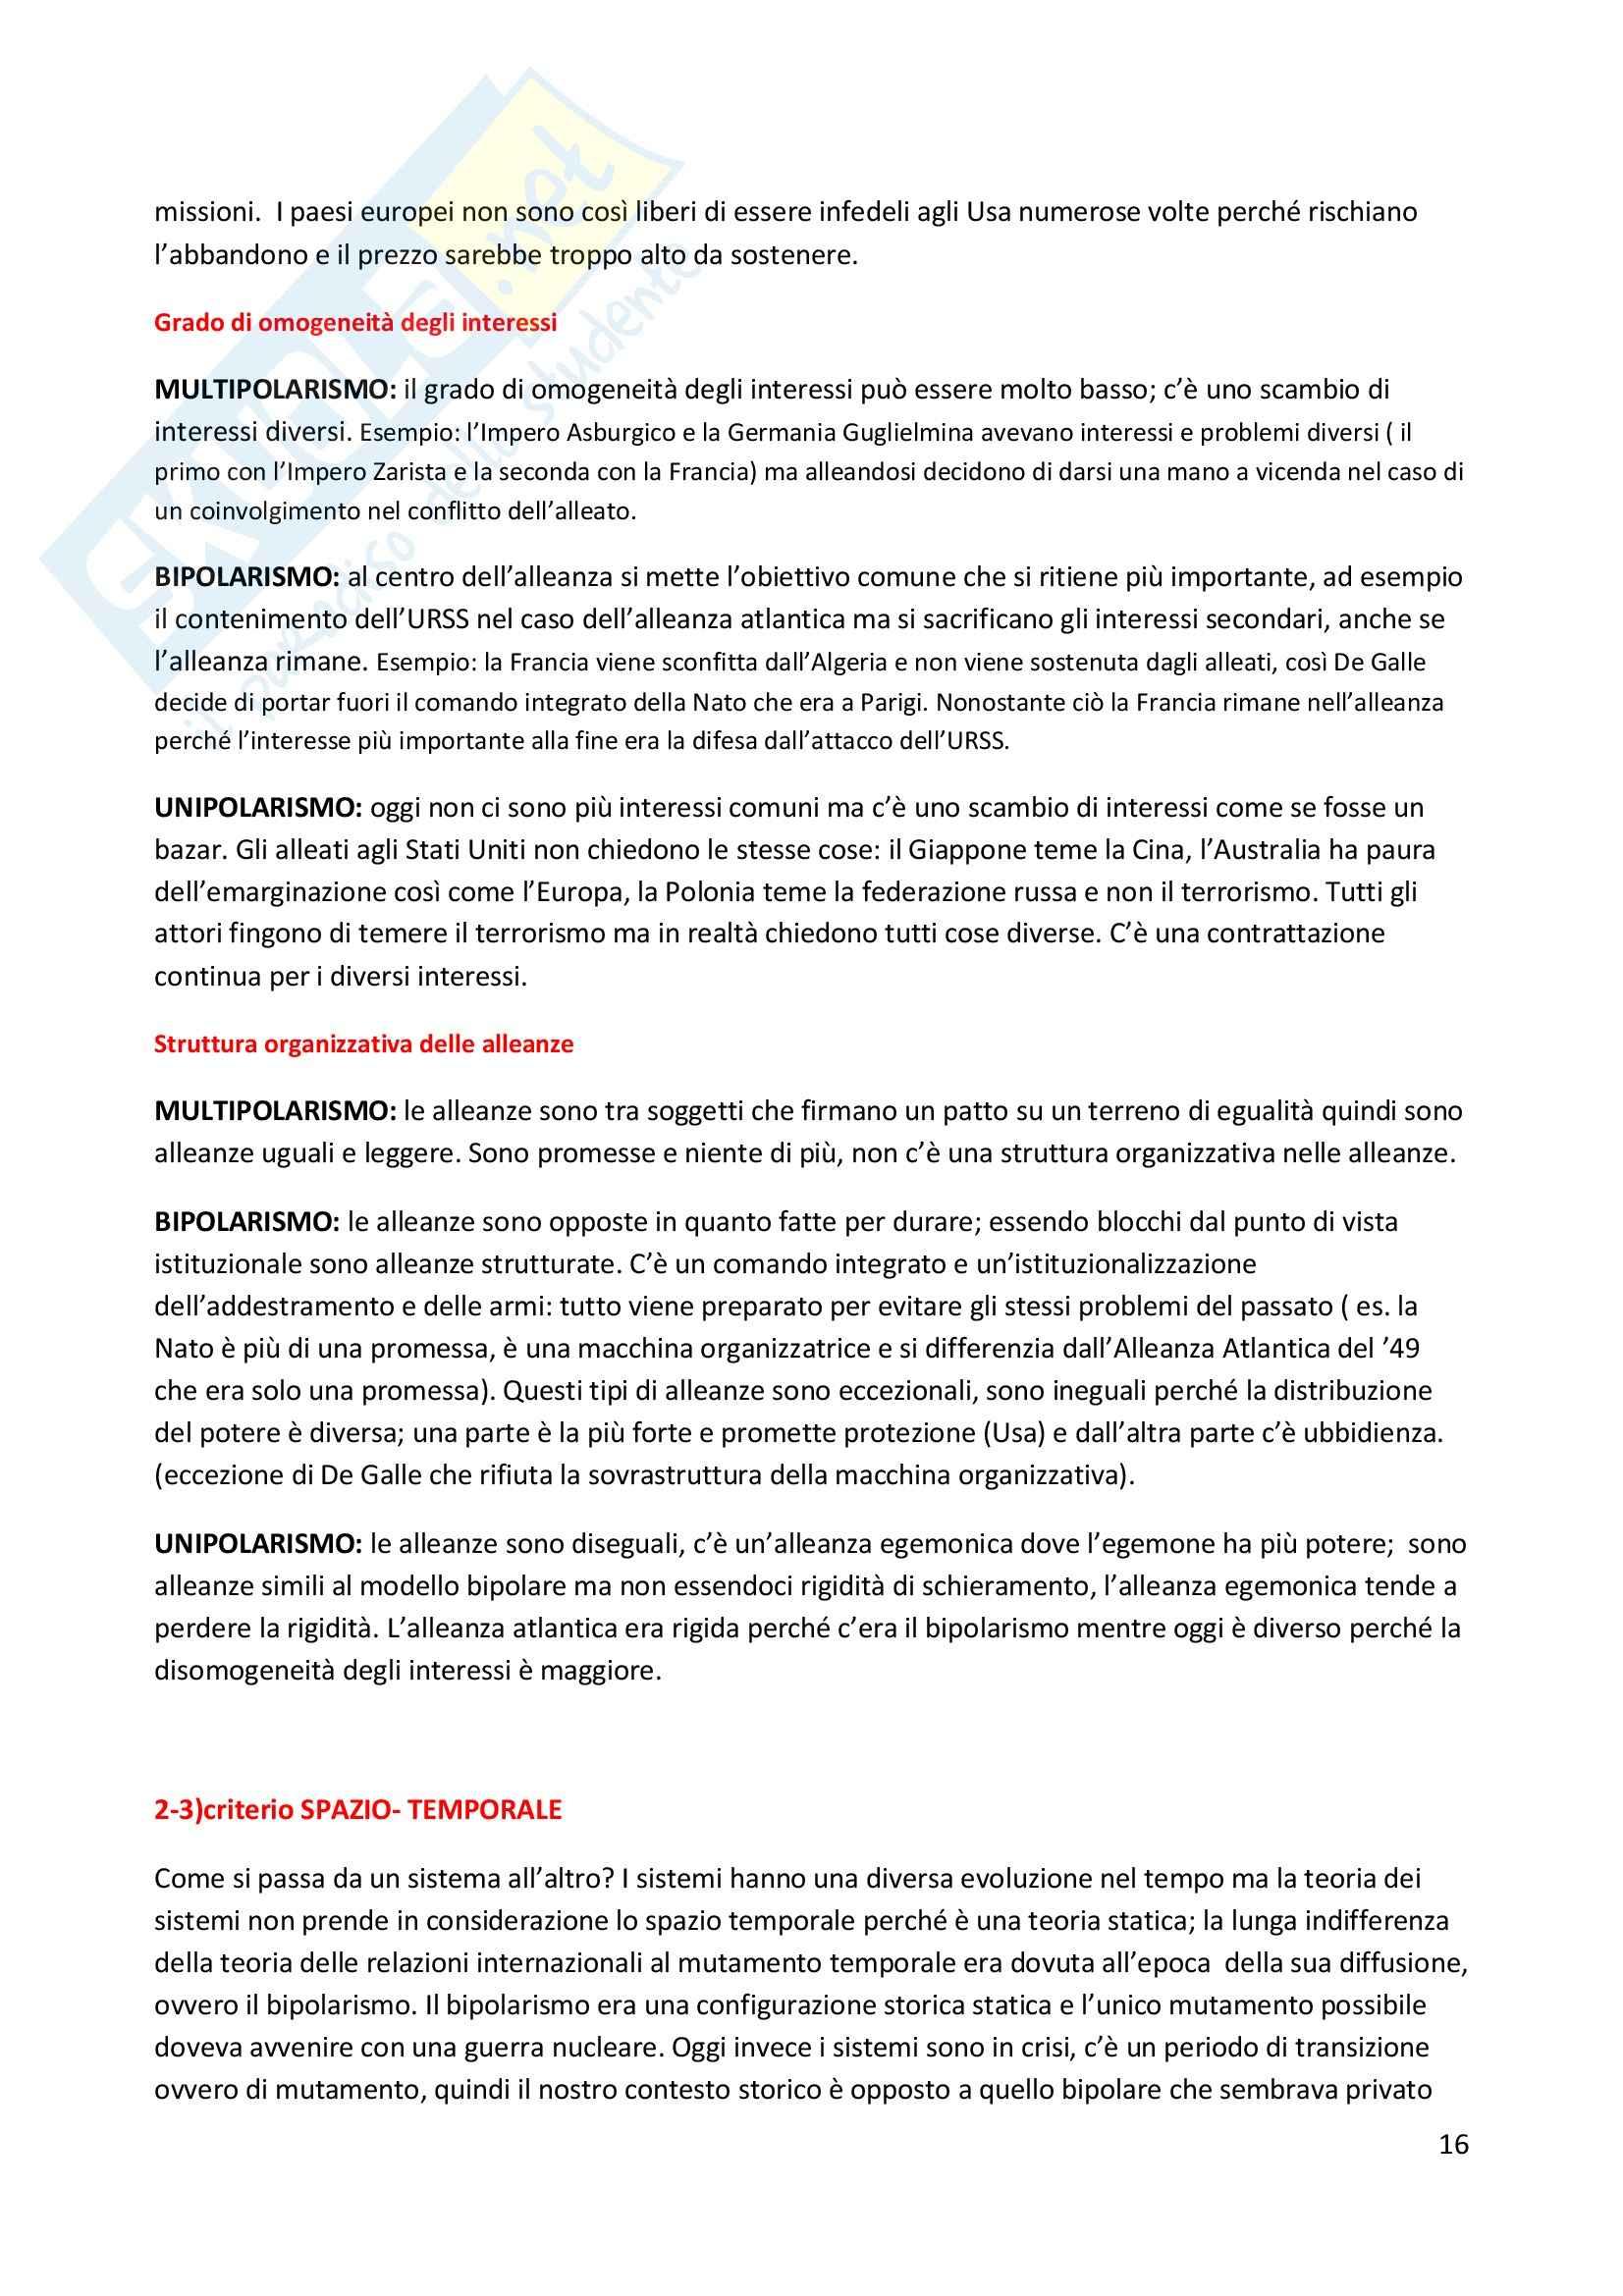 Storia delle relazioni internazionali - Appunti Pag. 16